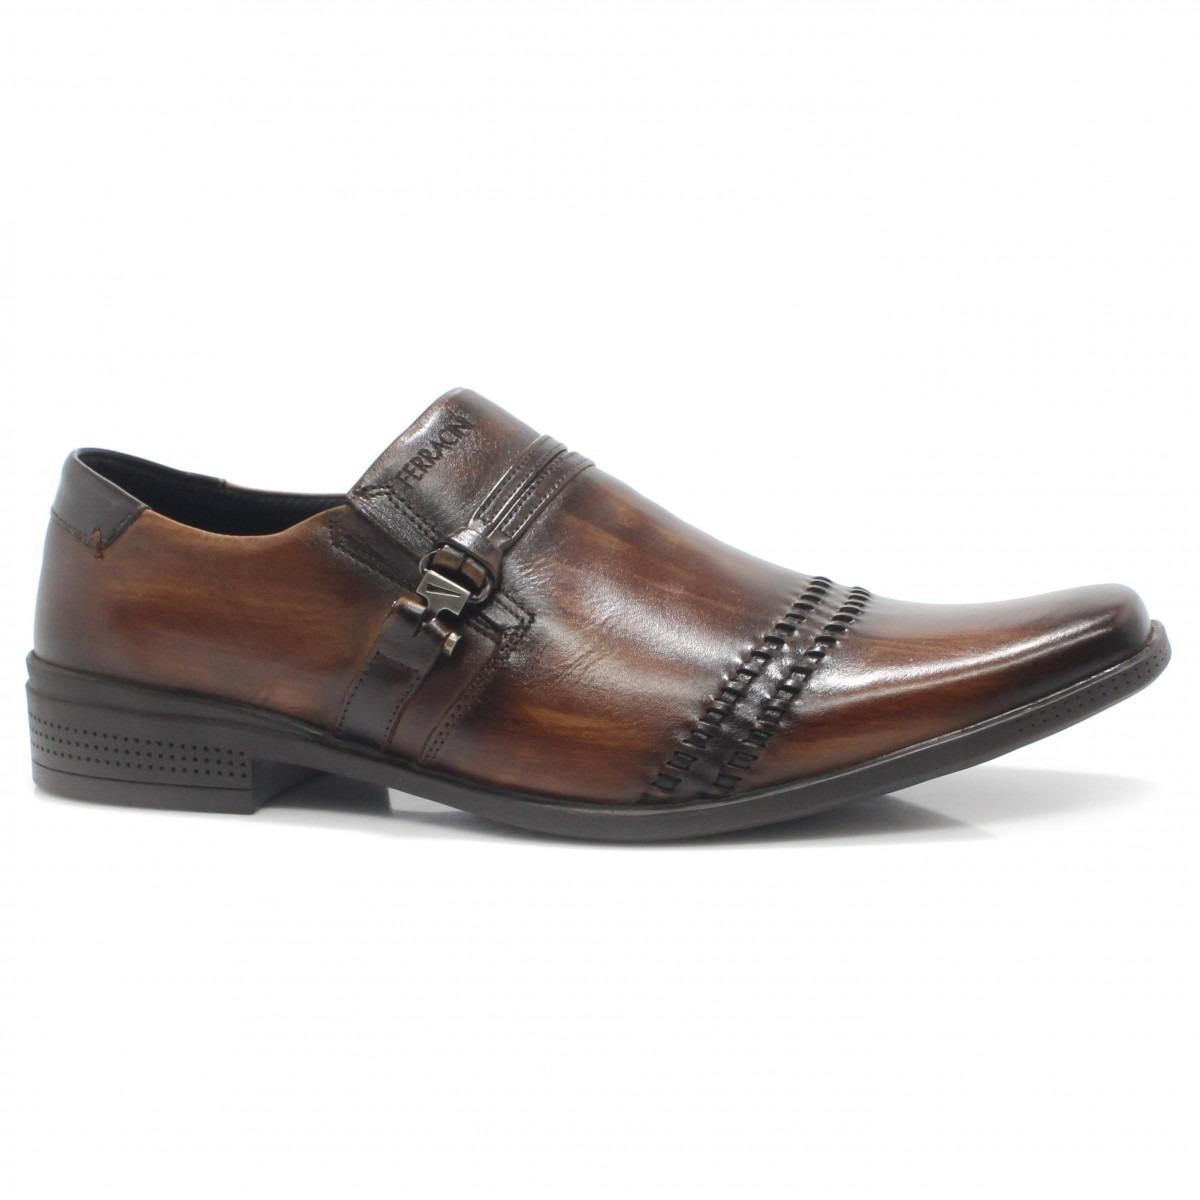 26ed2cabd sapato masculino ferracini frankfurt couro 4349 | zariff. Carregando zoom.